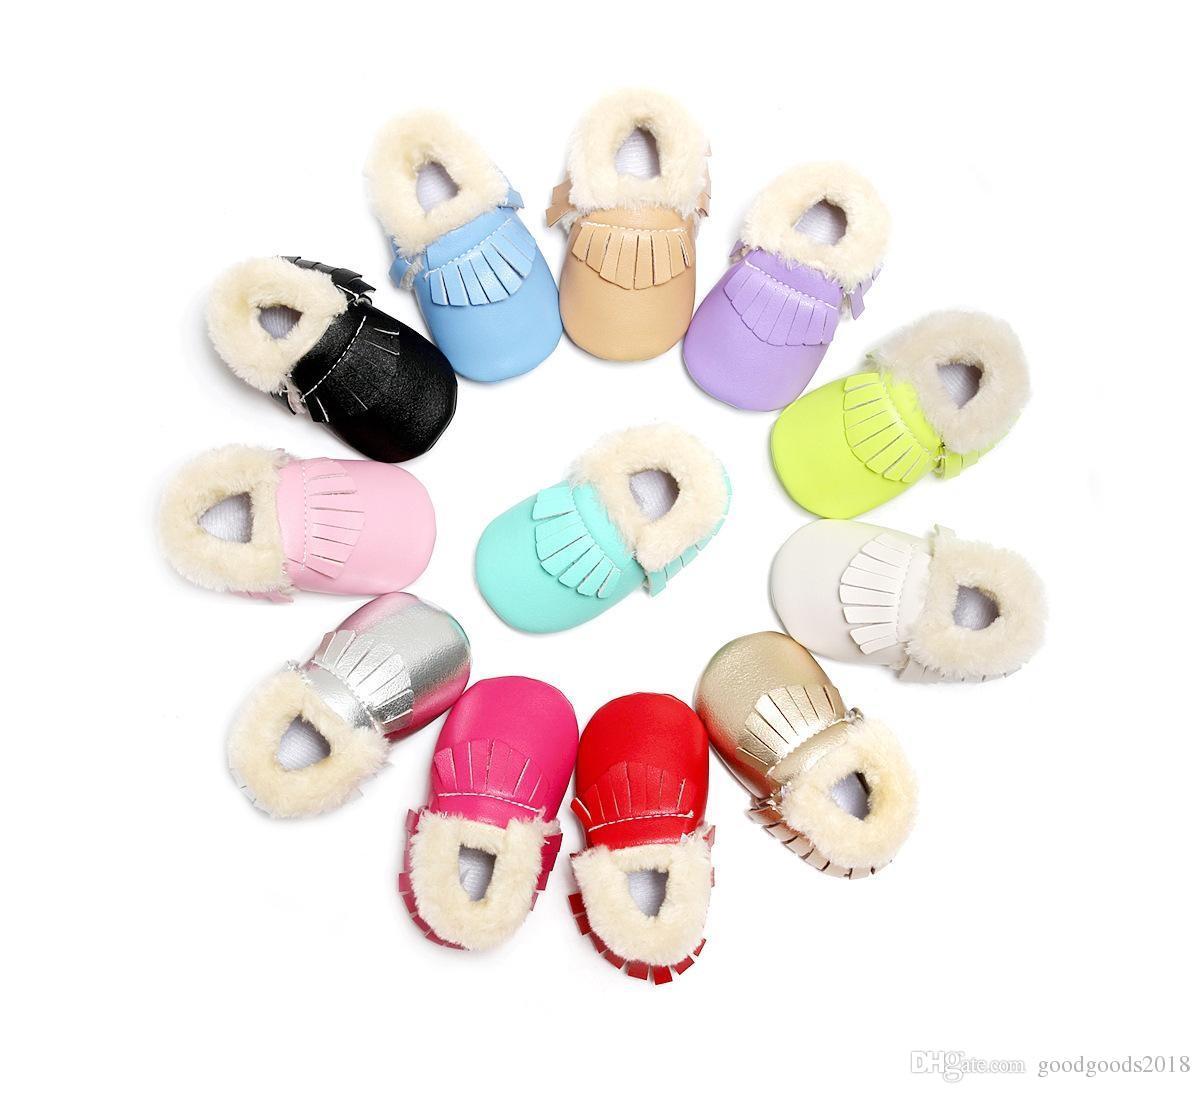 جديد شتاء دافئ حذاء طفل بو الجلود حذاء طفل الأخفاف مع الفراء الأولى ووكر أحذية الرضع شرابة الطفل c320